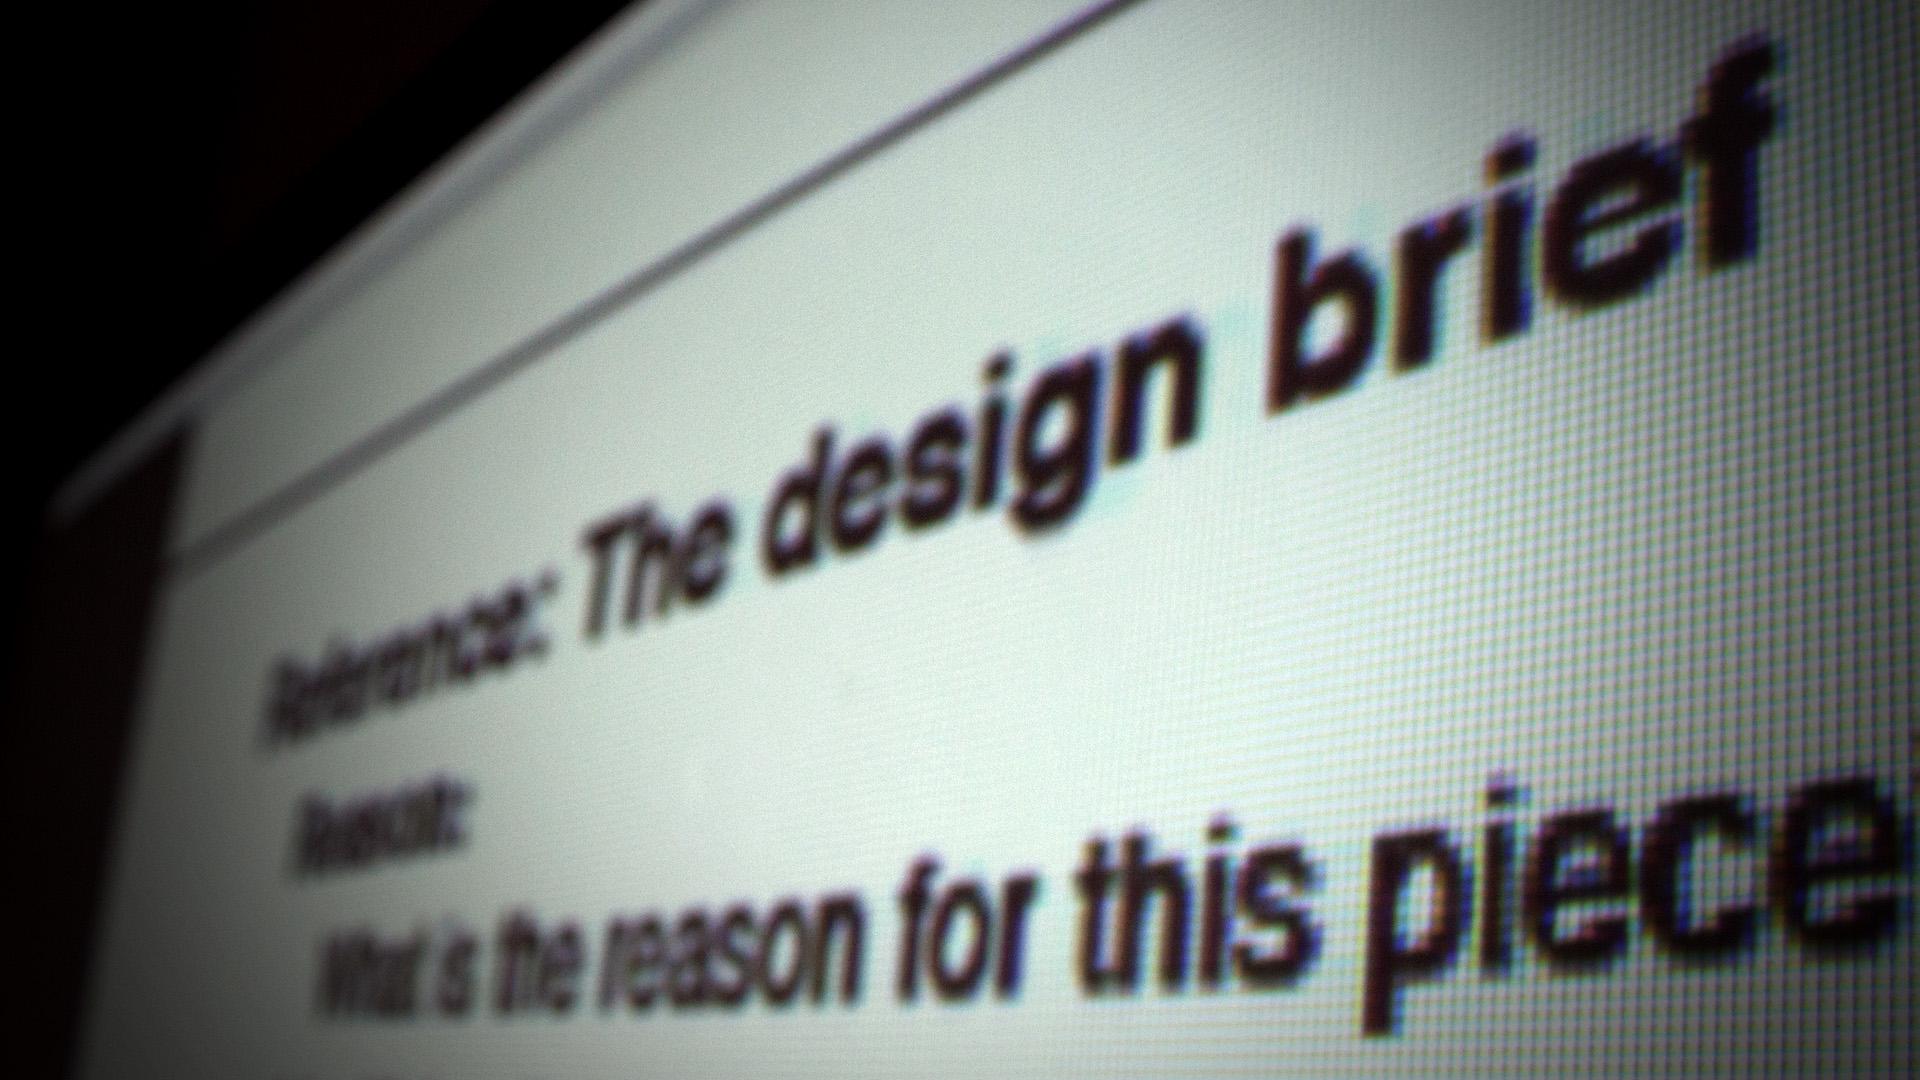 design brief.jpg